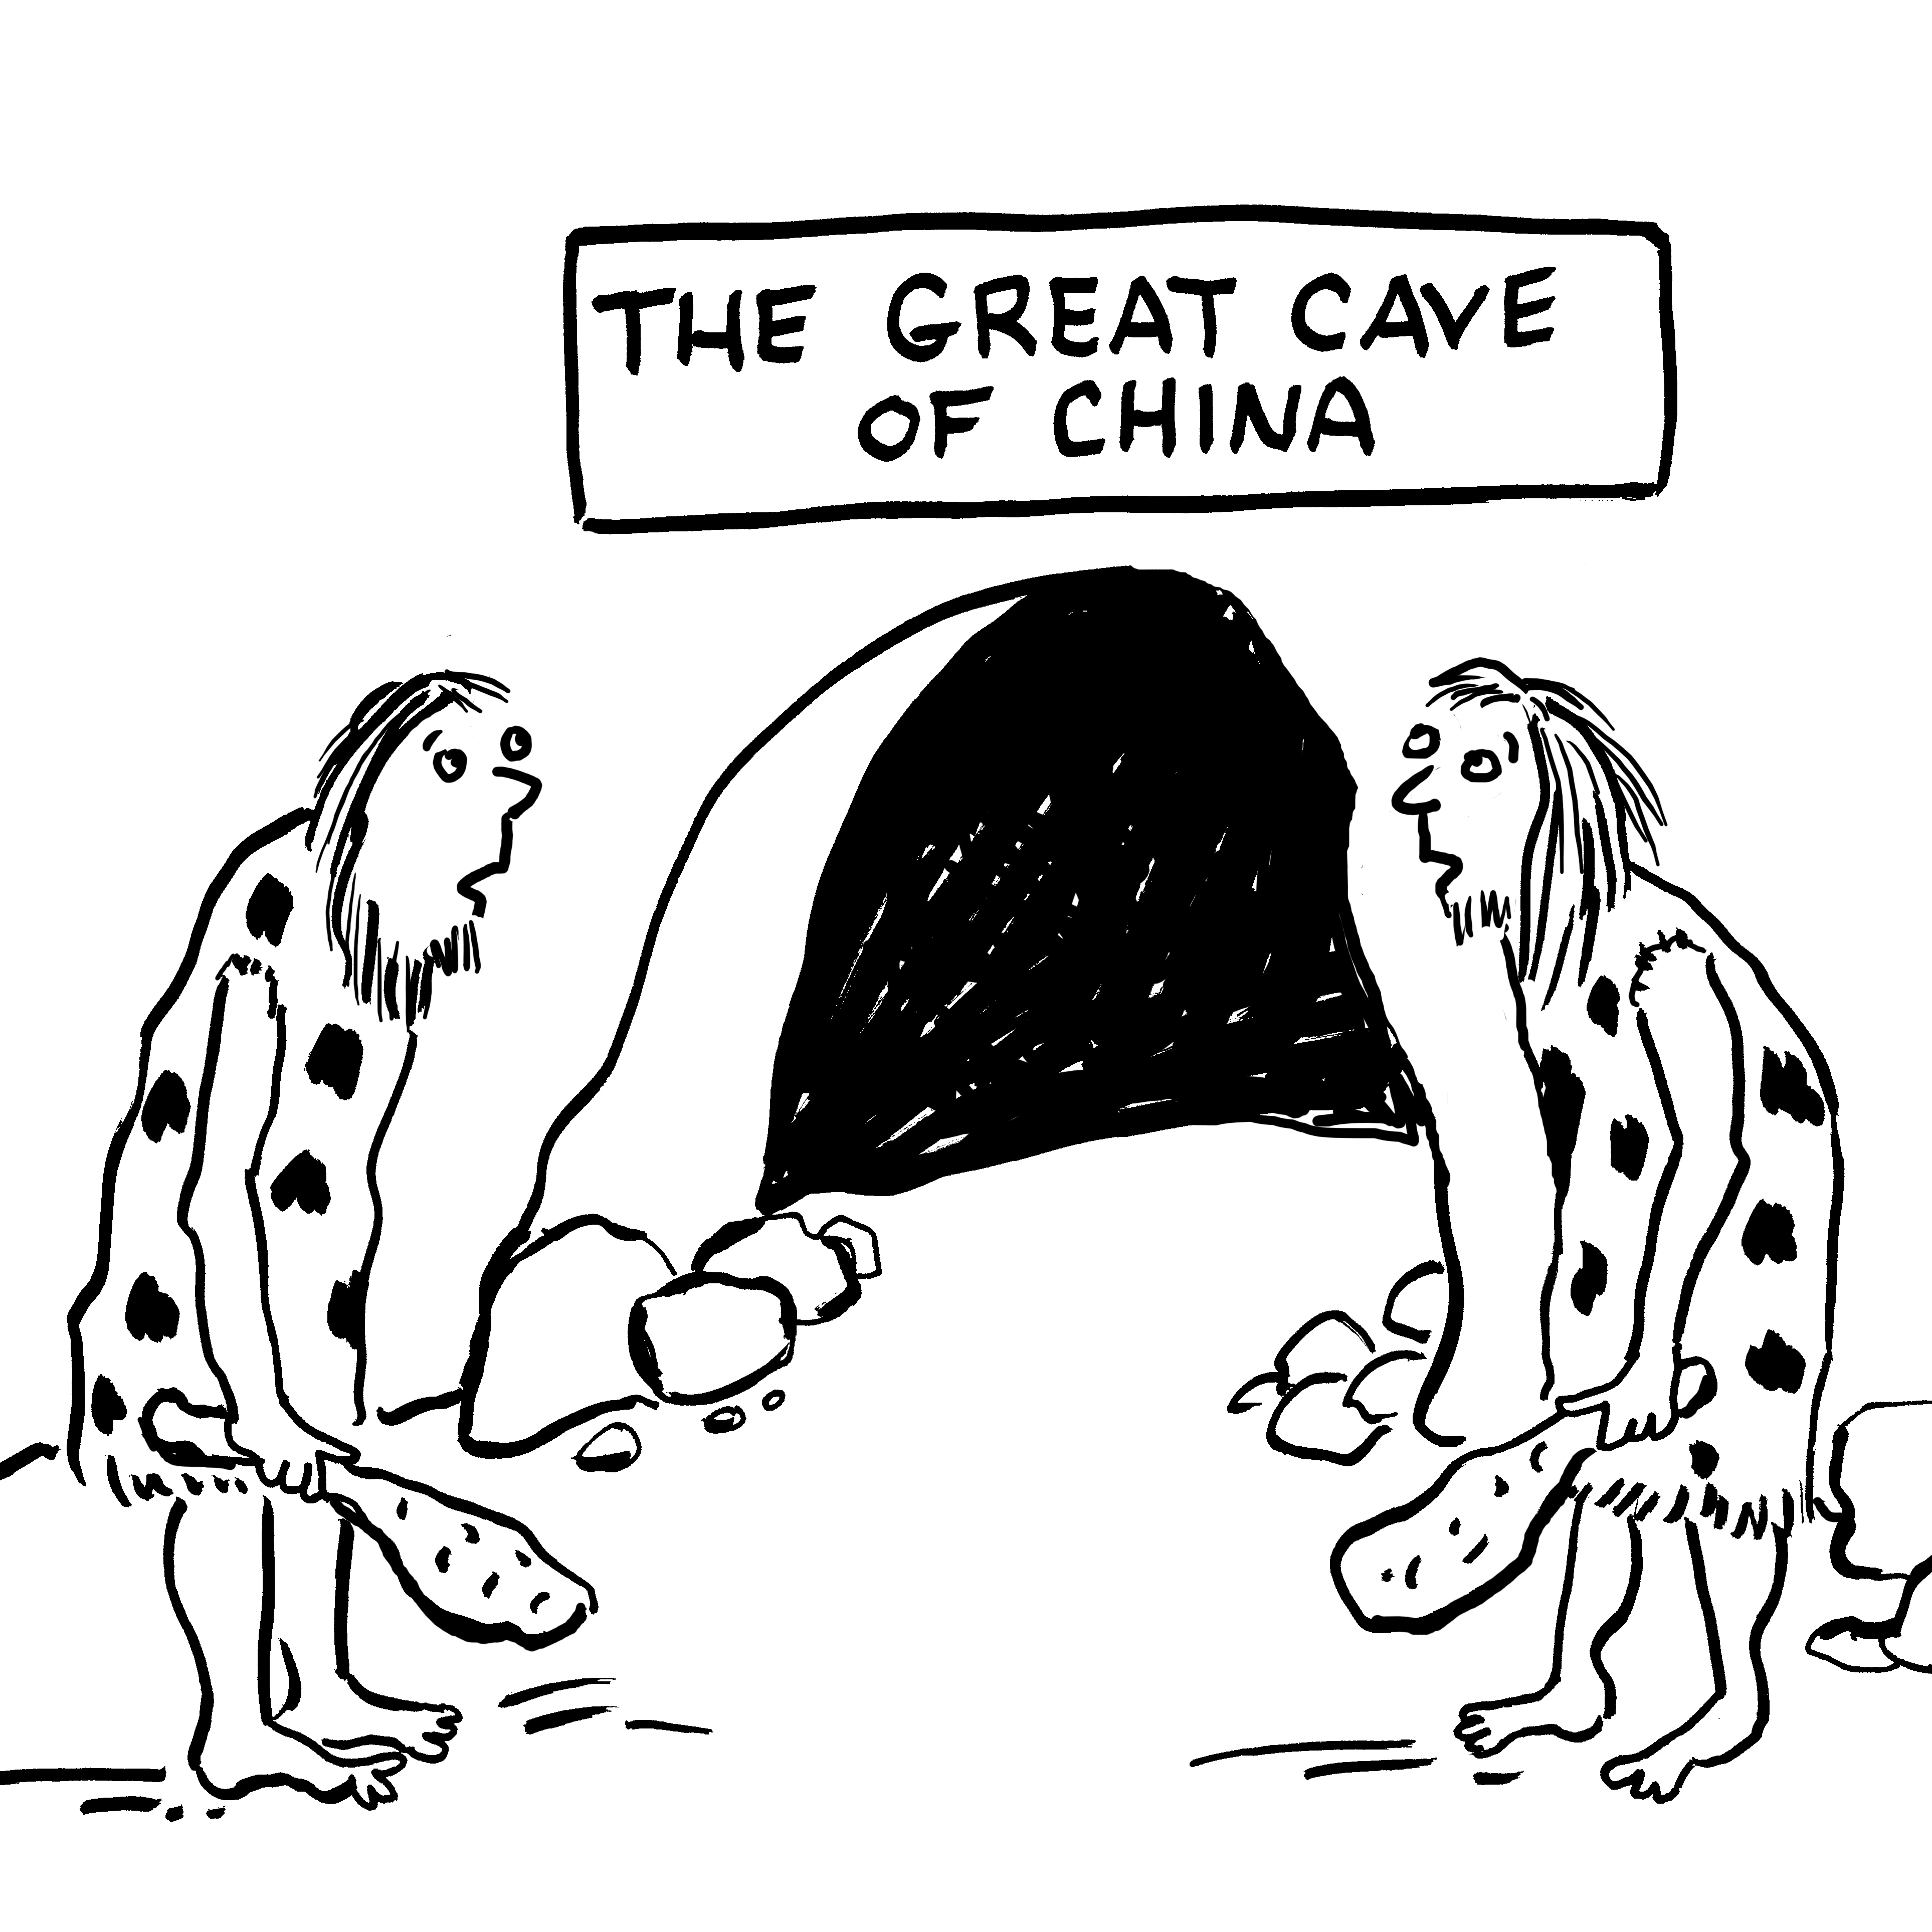 China's big dig